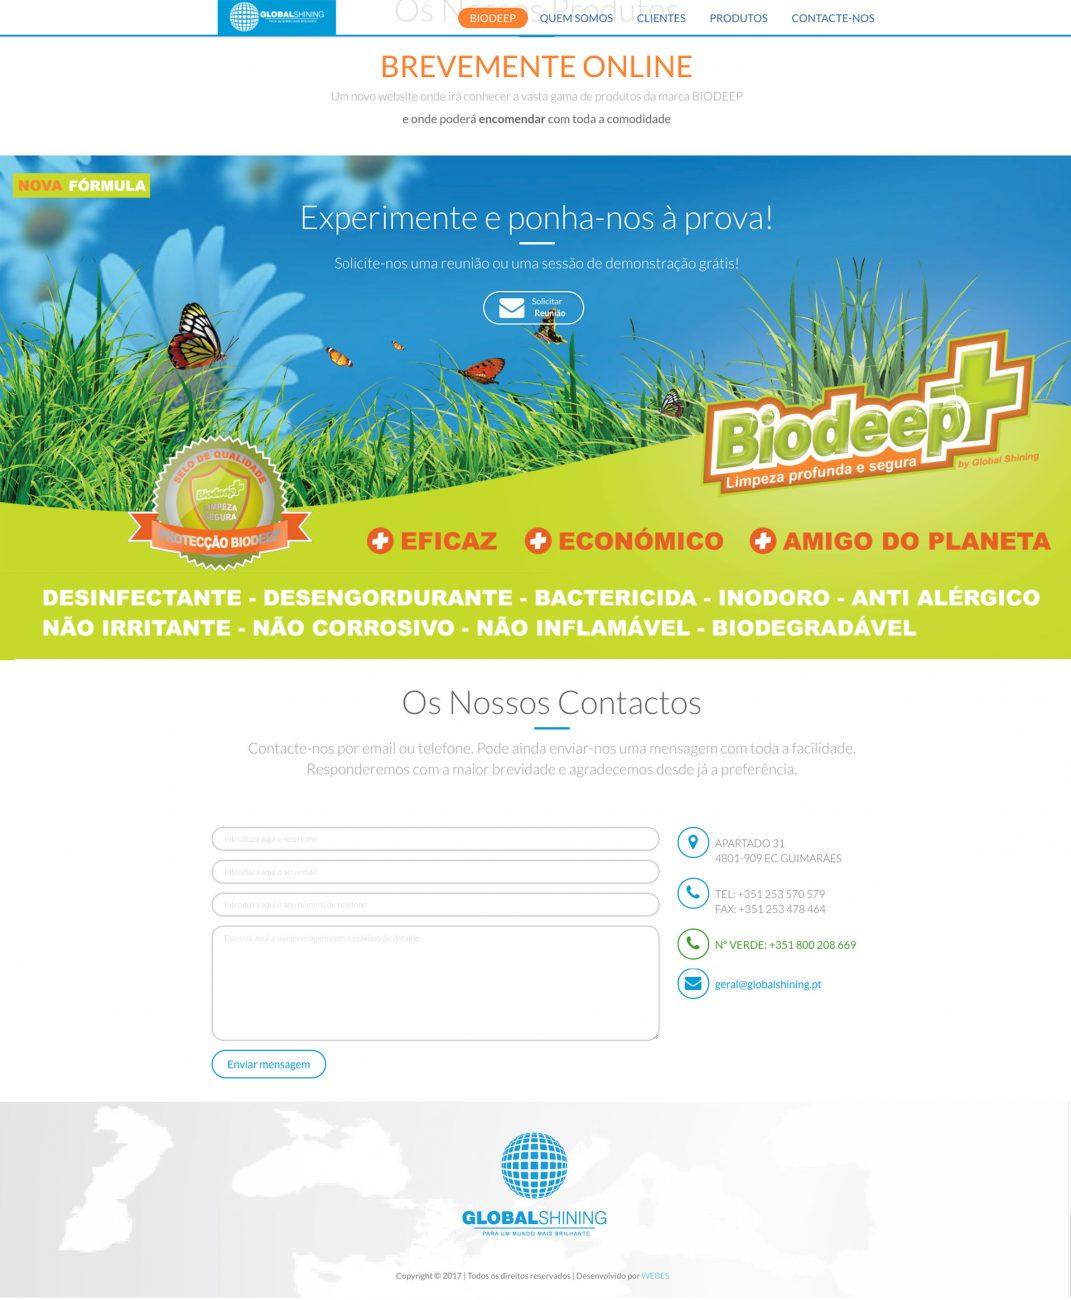 Especialistas em sites de produtos de limpeza como a BIODEEP